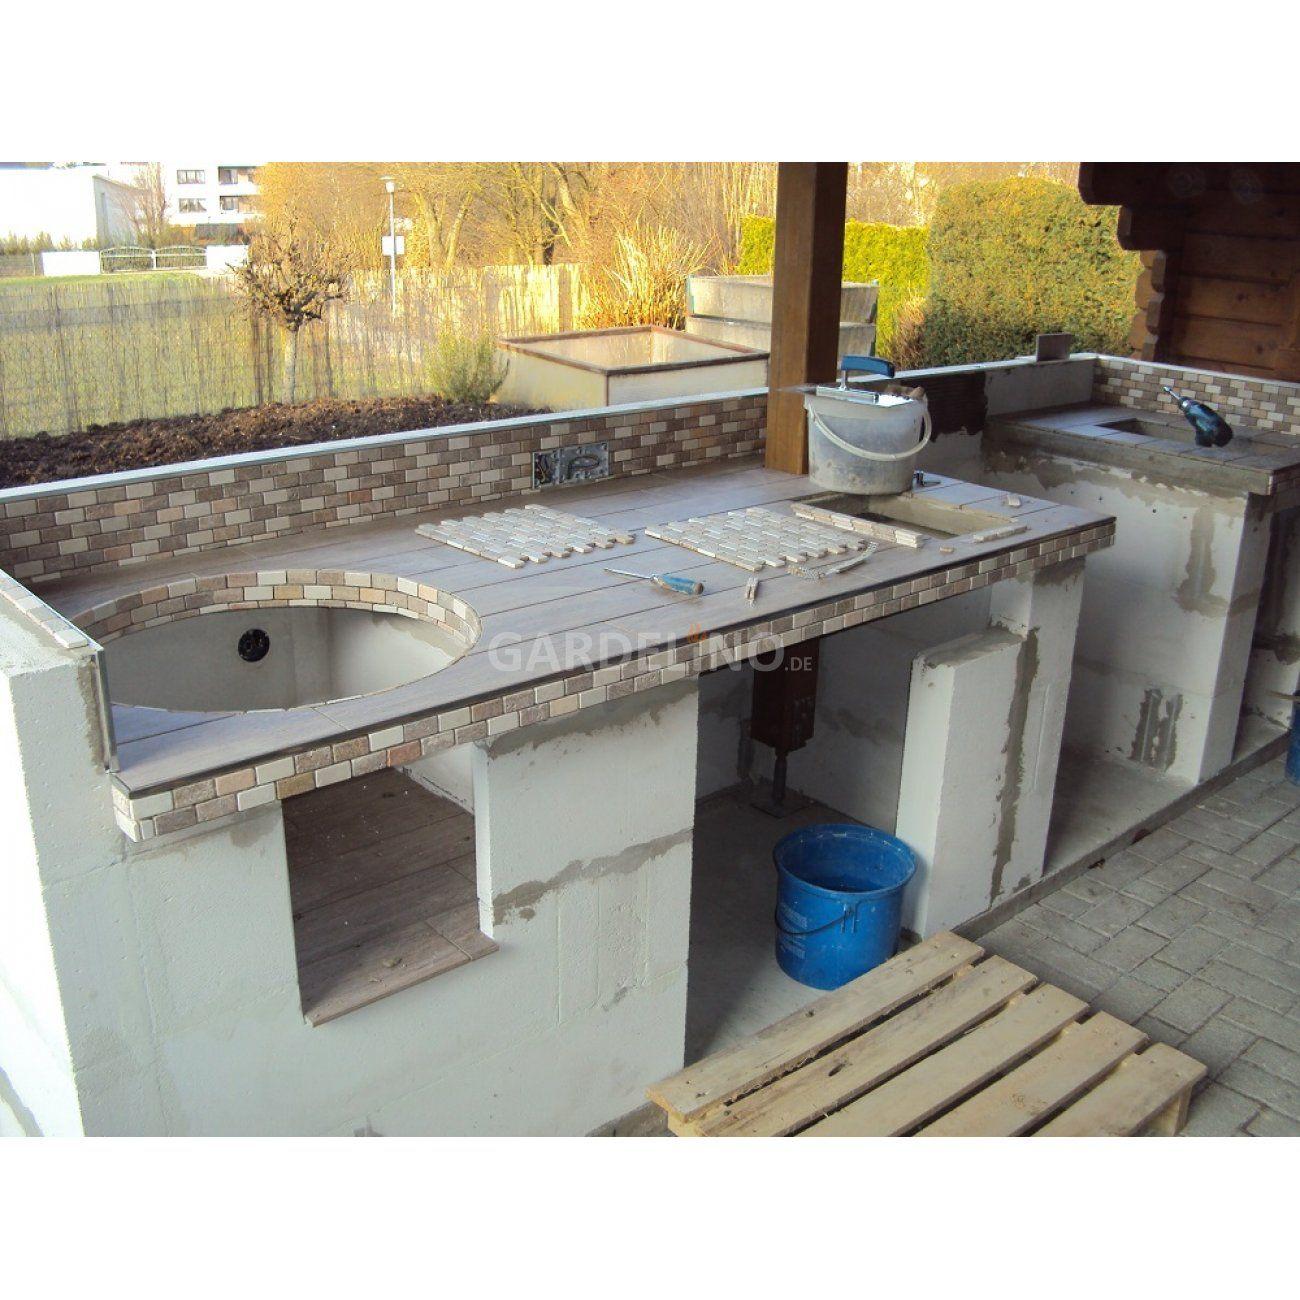 Outdoor küche gemauert – Kleinster mobiler Gasgrill